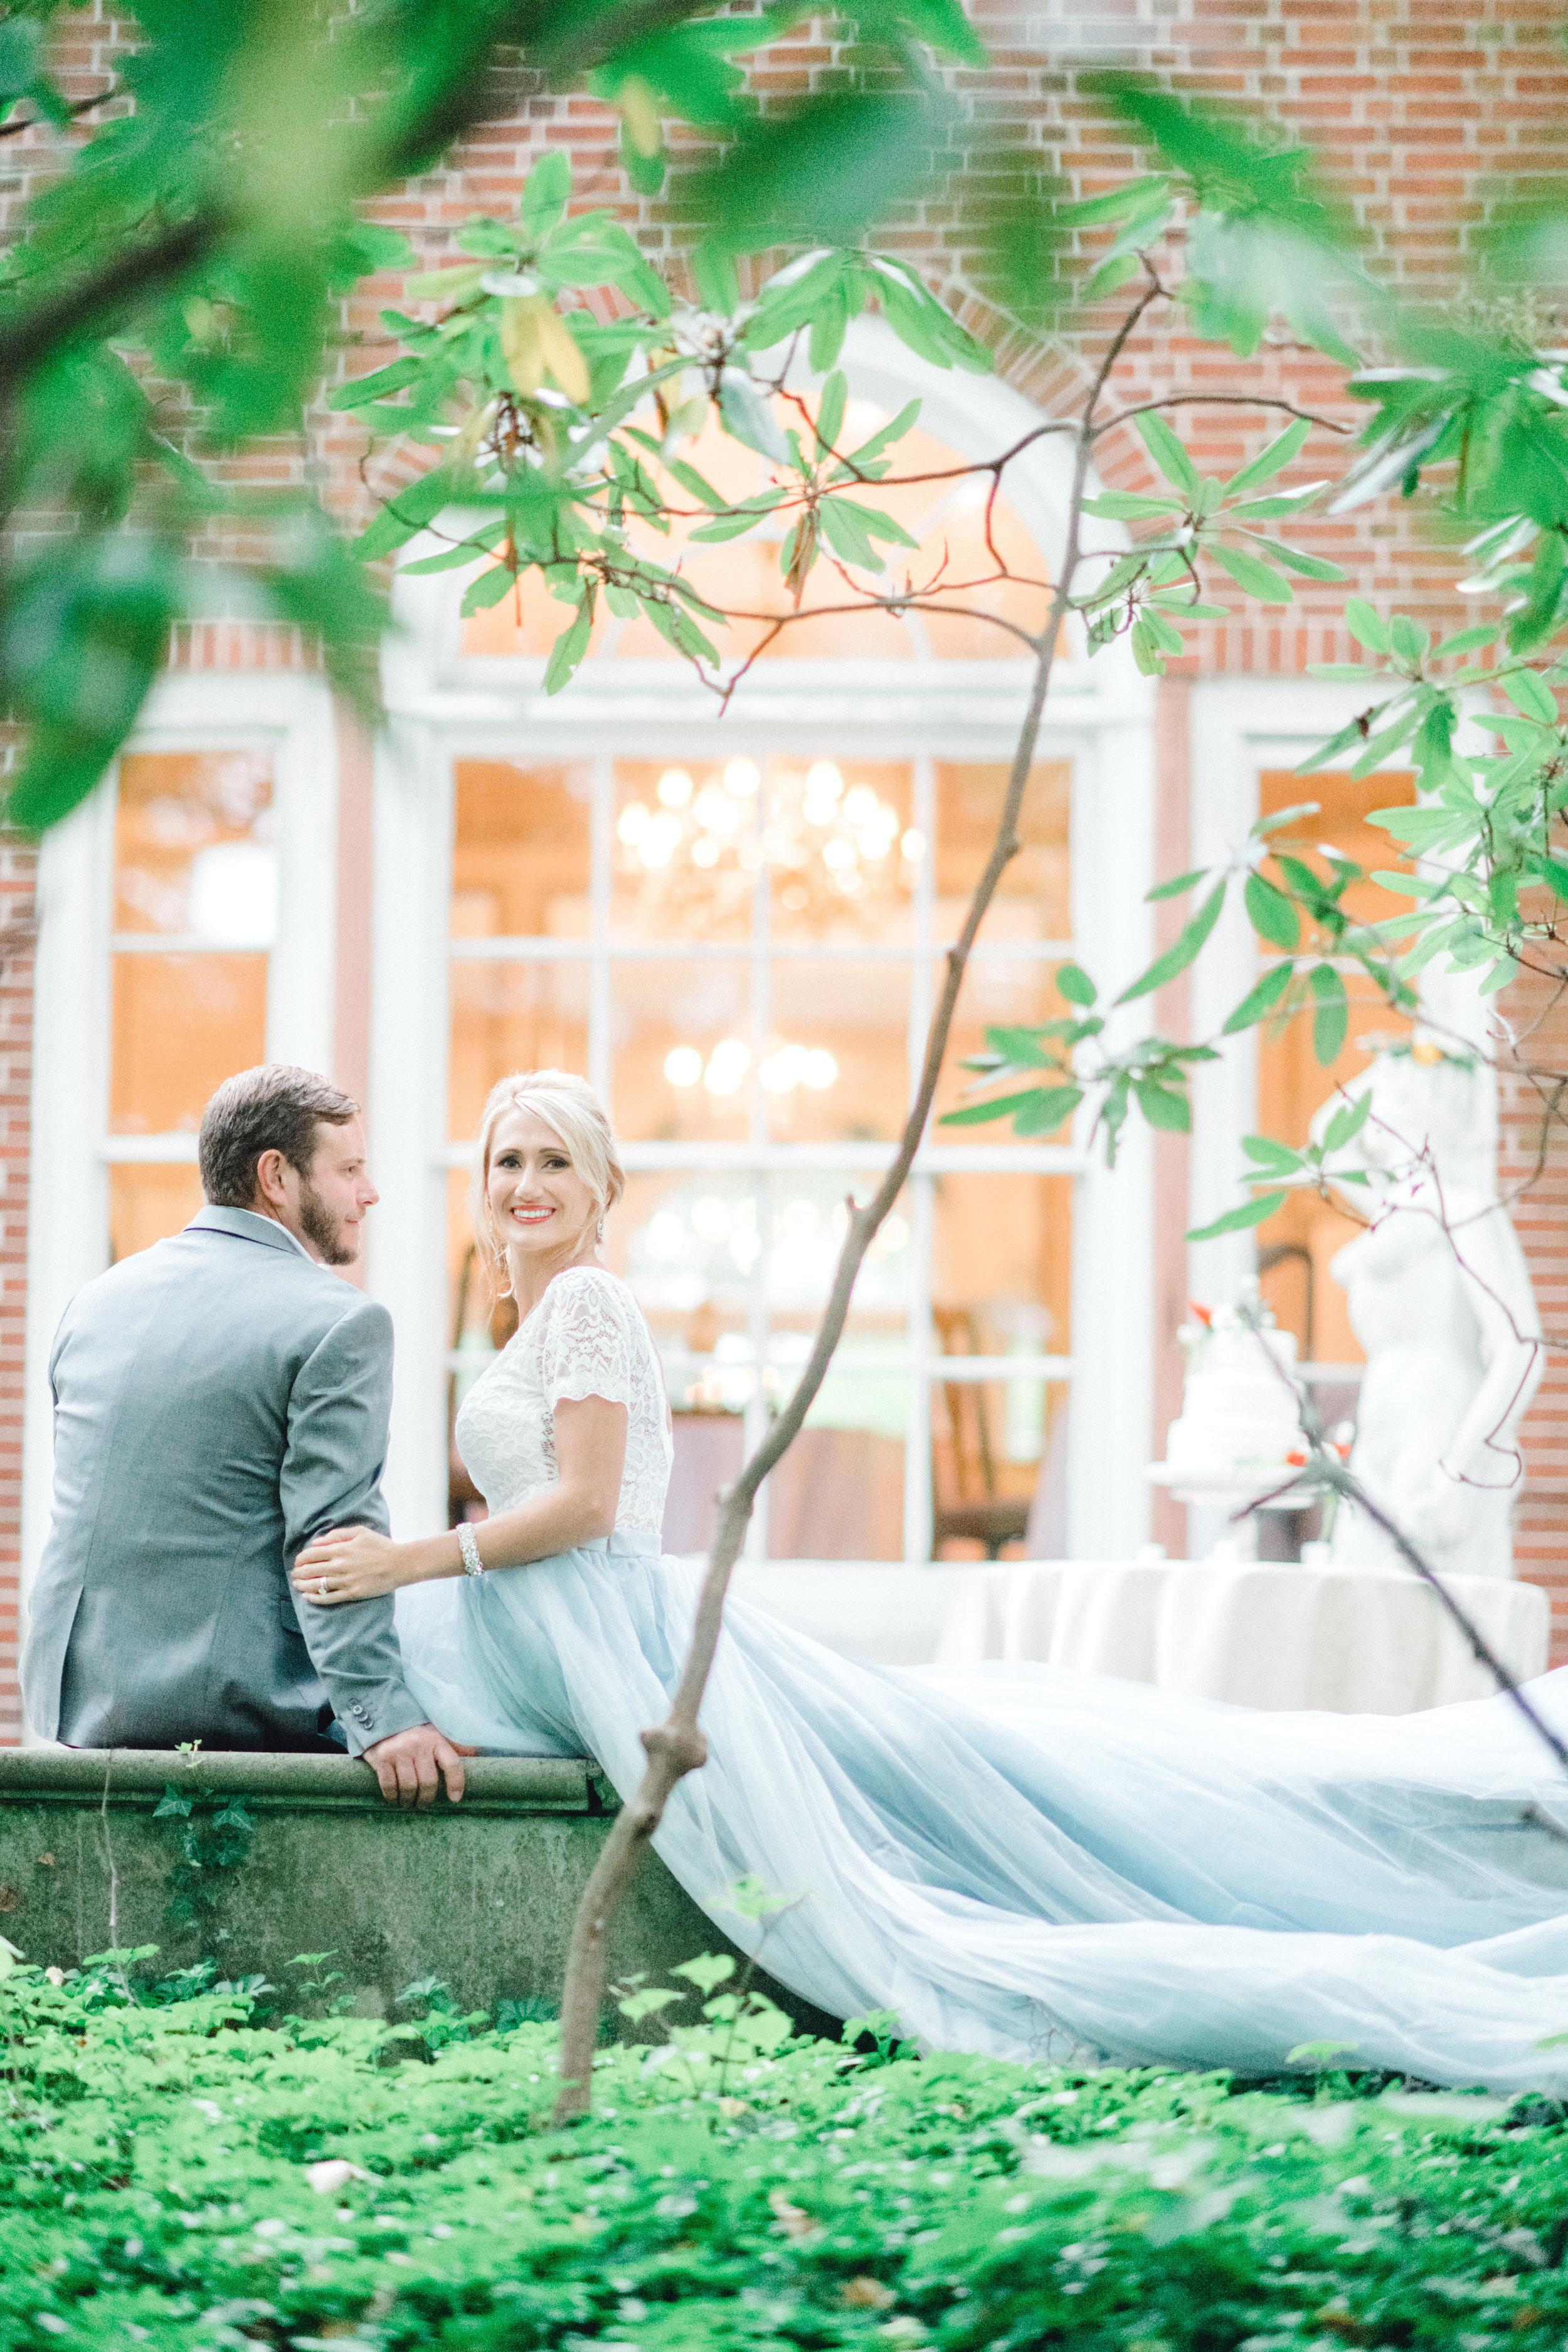 Jessica-Garda-Events-Pittsburgh-Wedding-Planner-Mansion-Butler-Blue-Grey-Orange-Palette (14).jpg